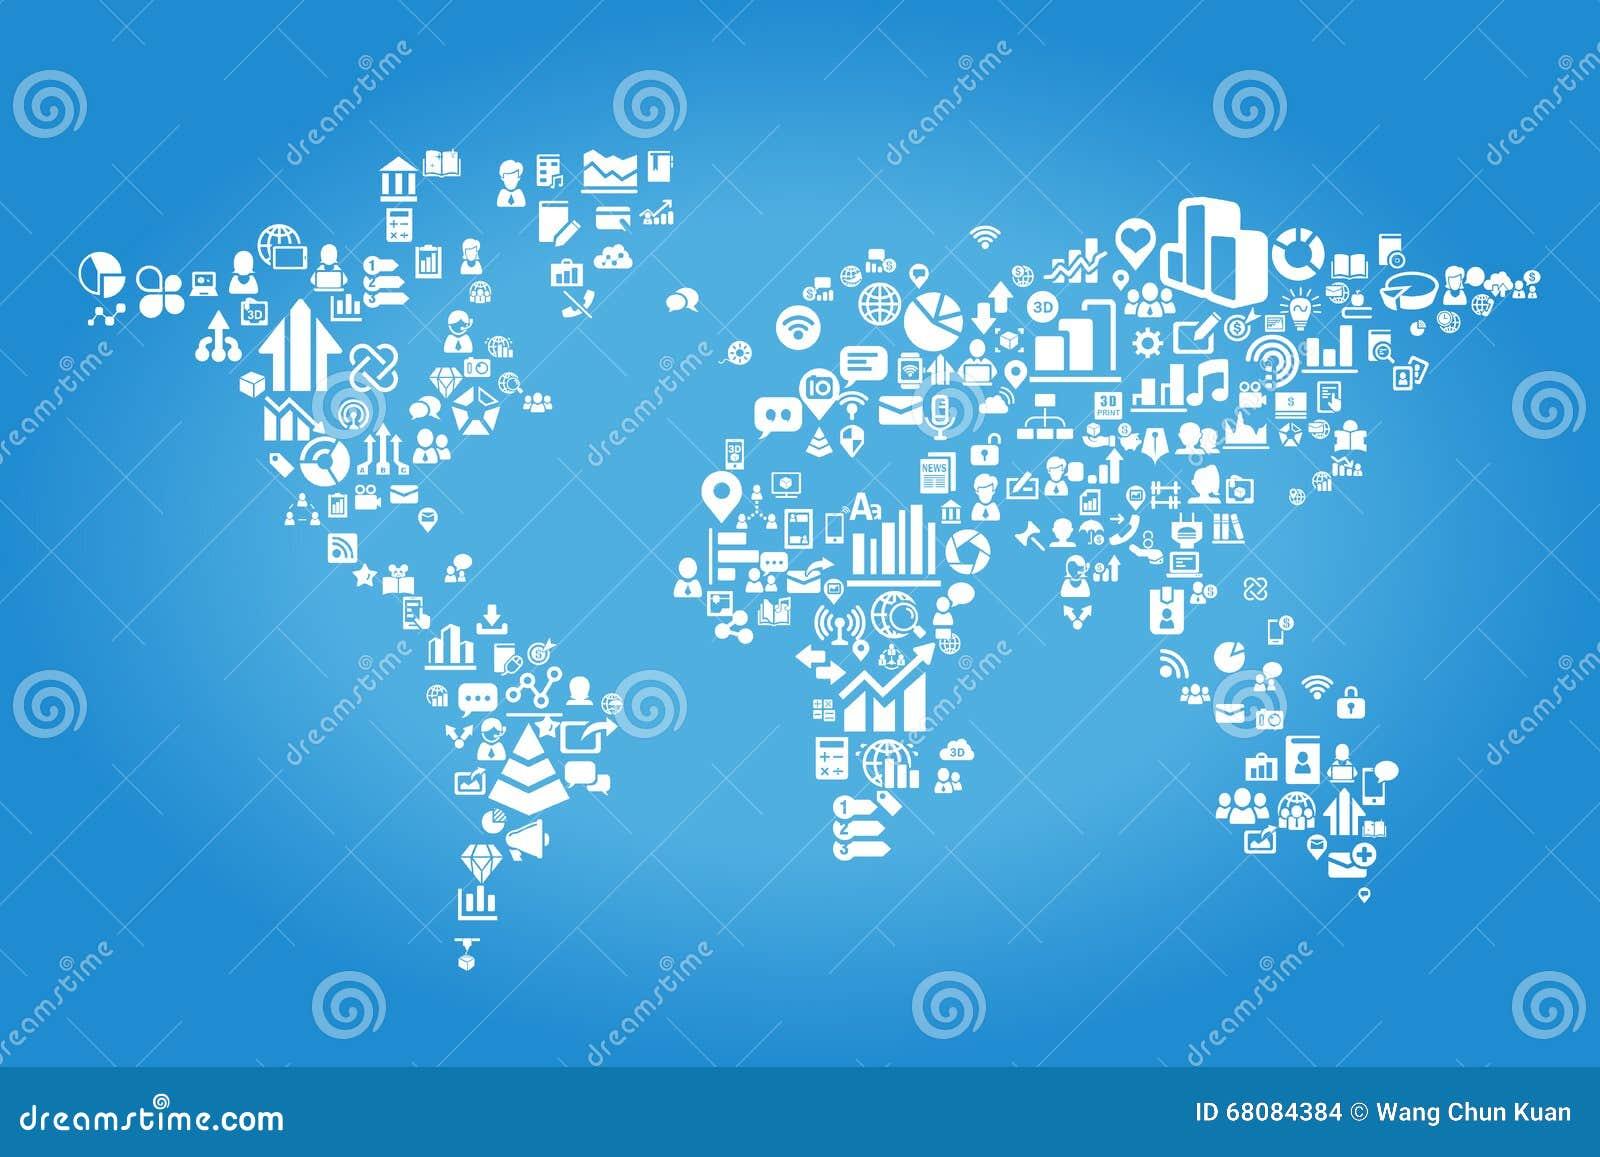 大数据科学概念-与数据科学企业象的世界地图.图片